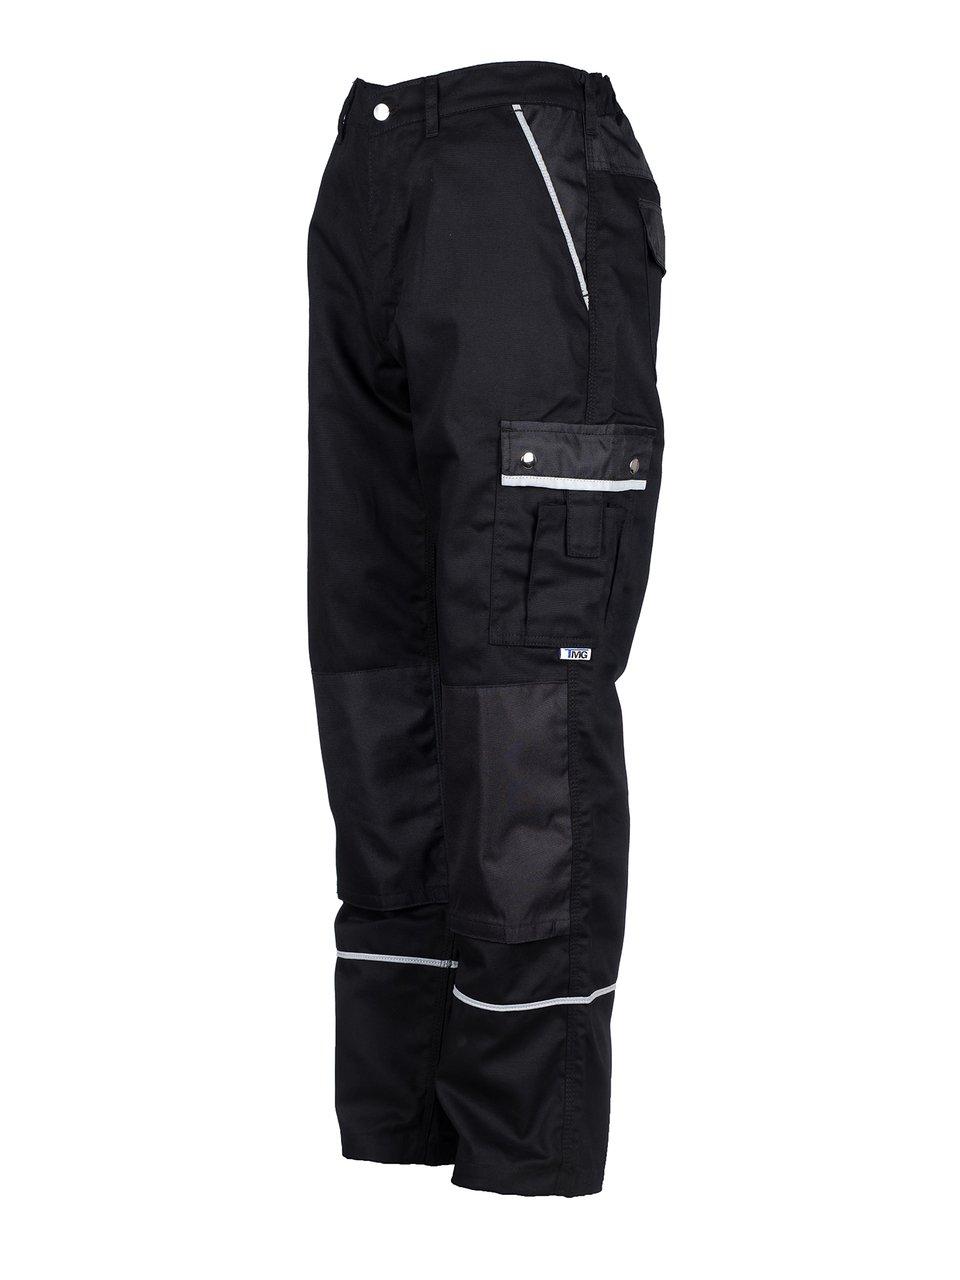 TMG® - Pantalon de travail cargo - poches pour genouillères - homme - noir